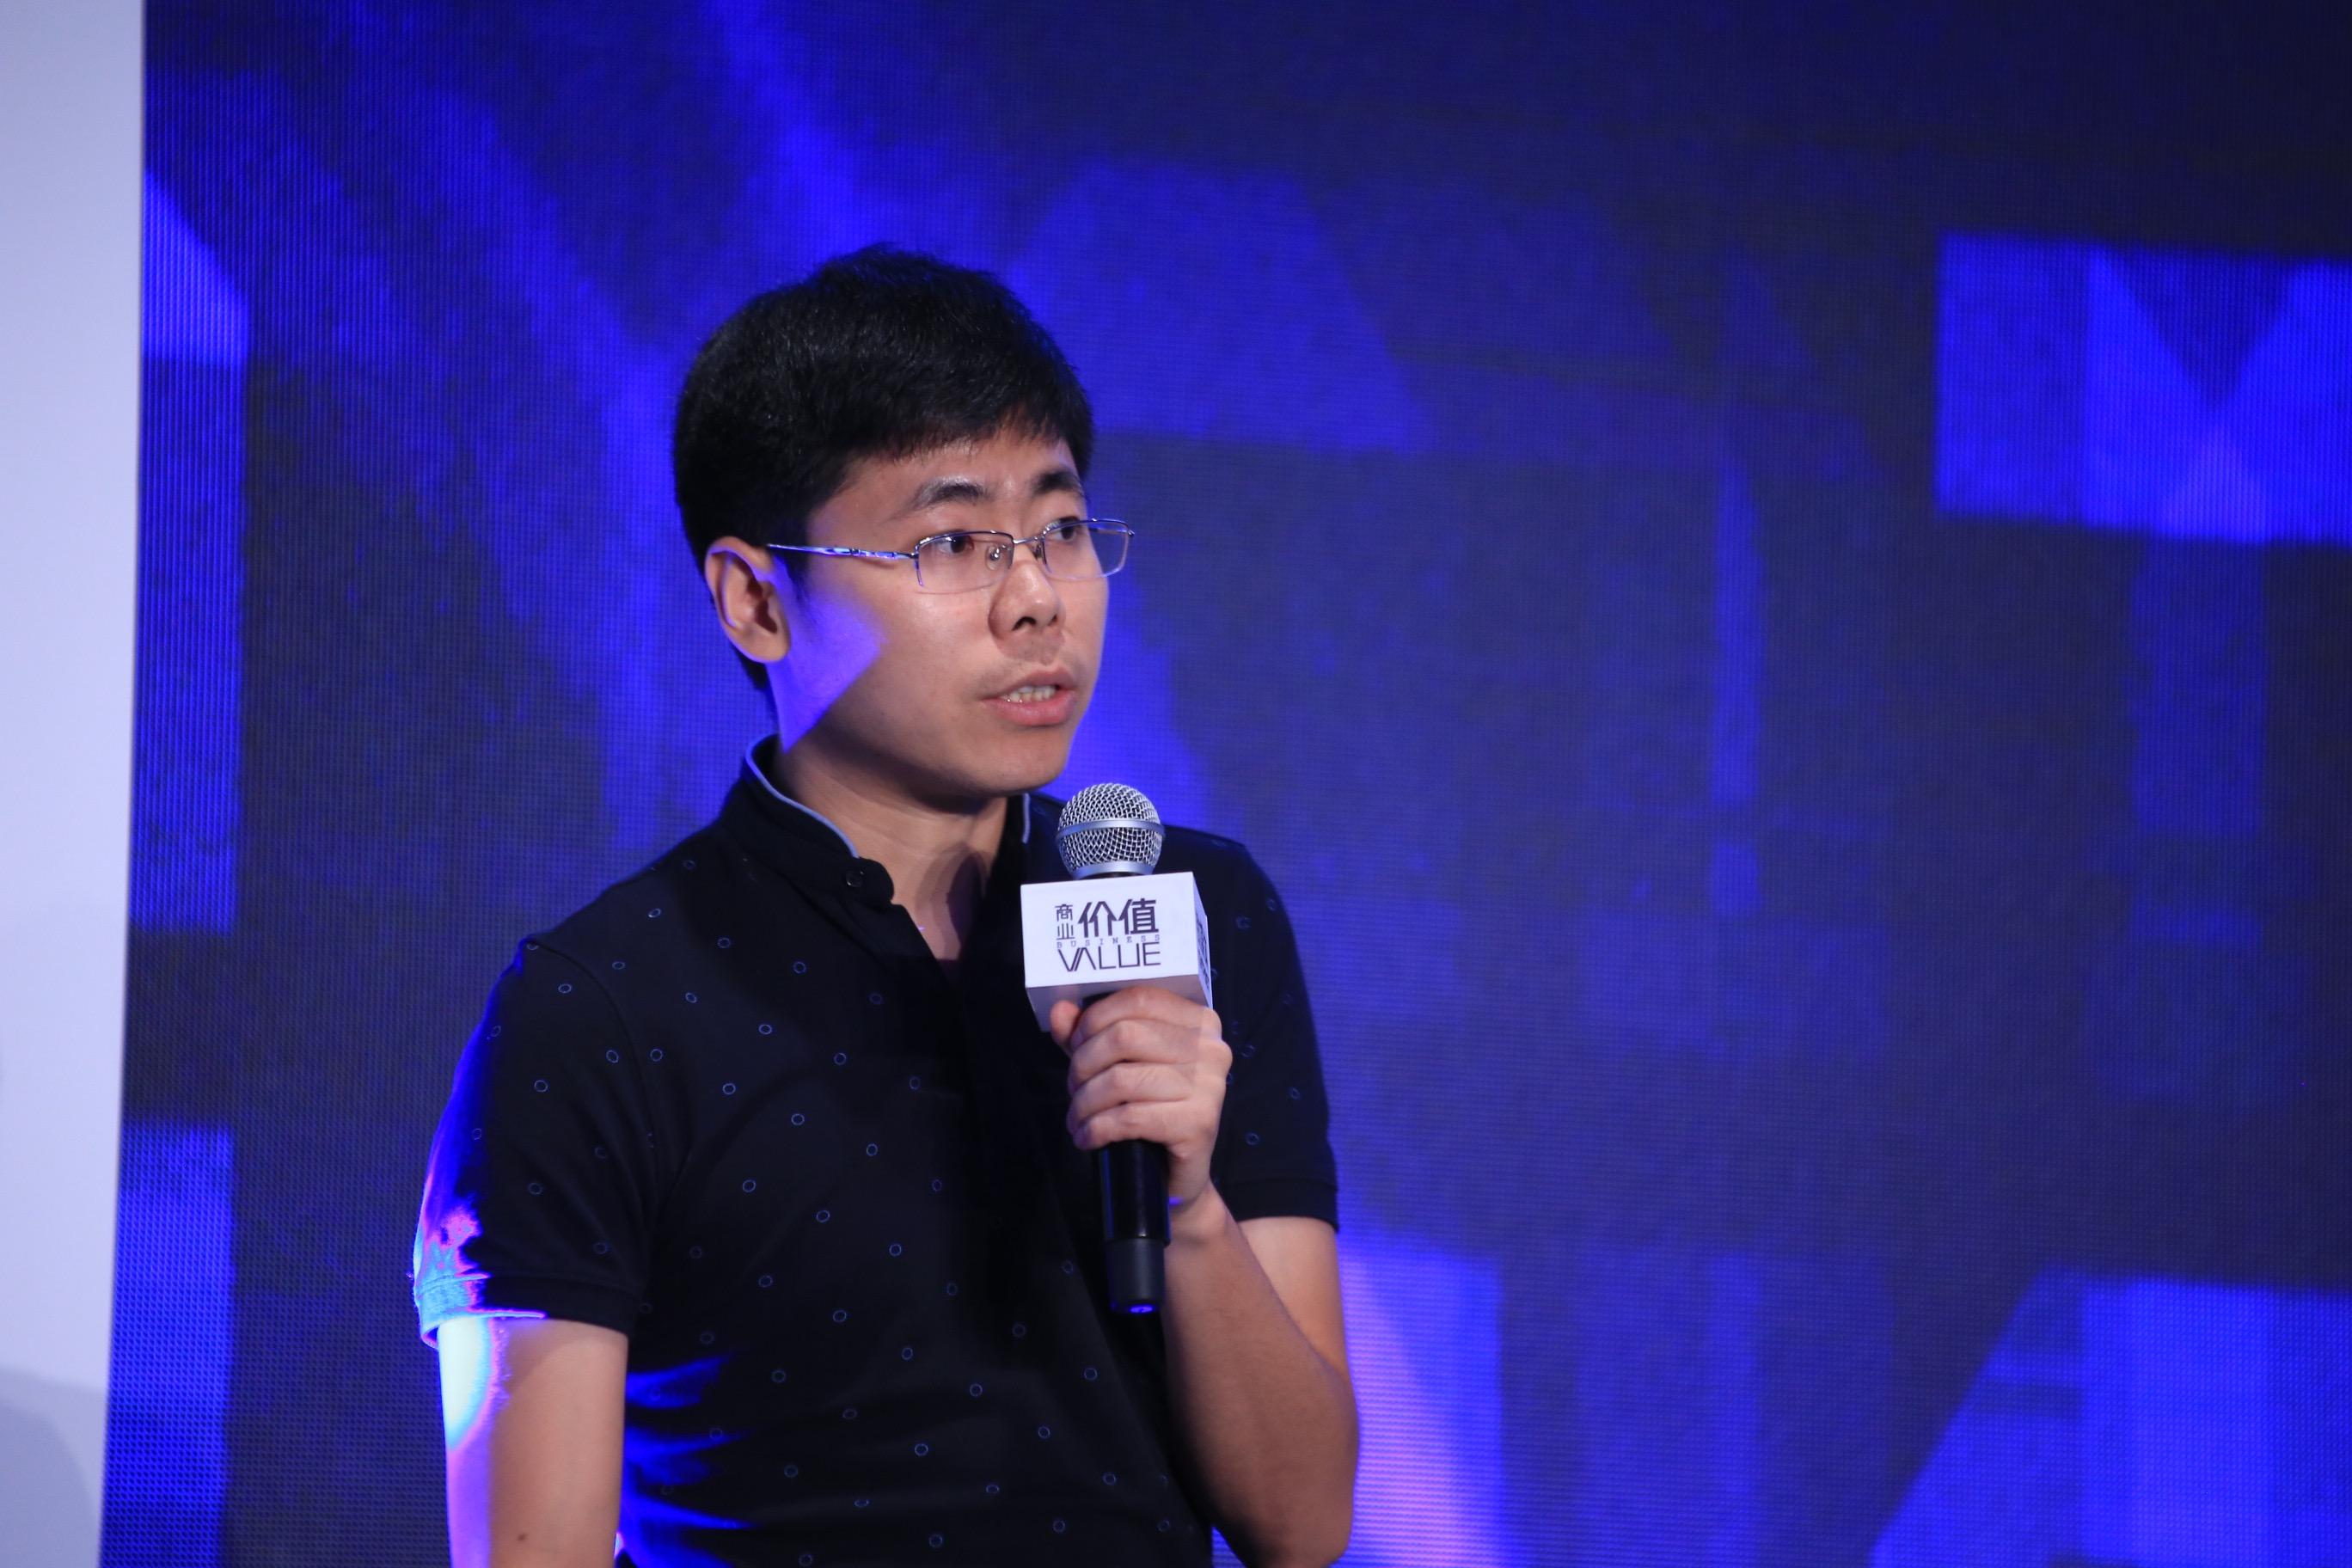 布比联合创始人兼CTO王璟